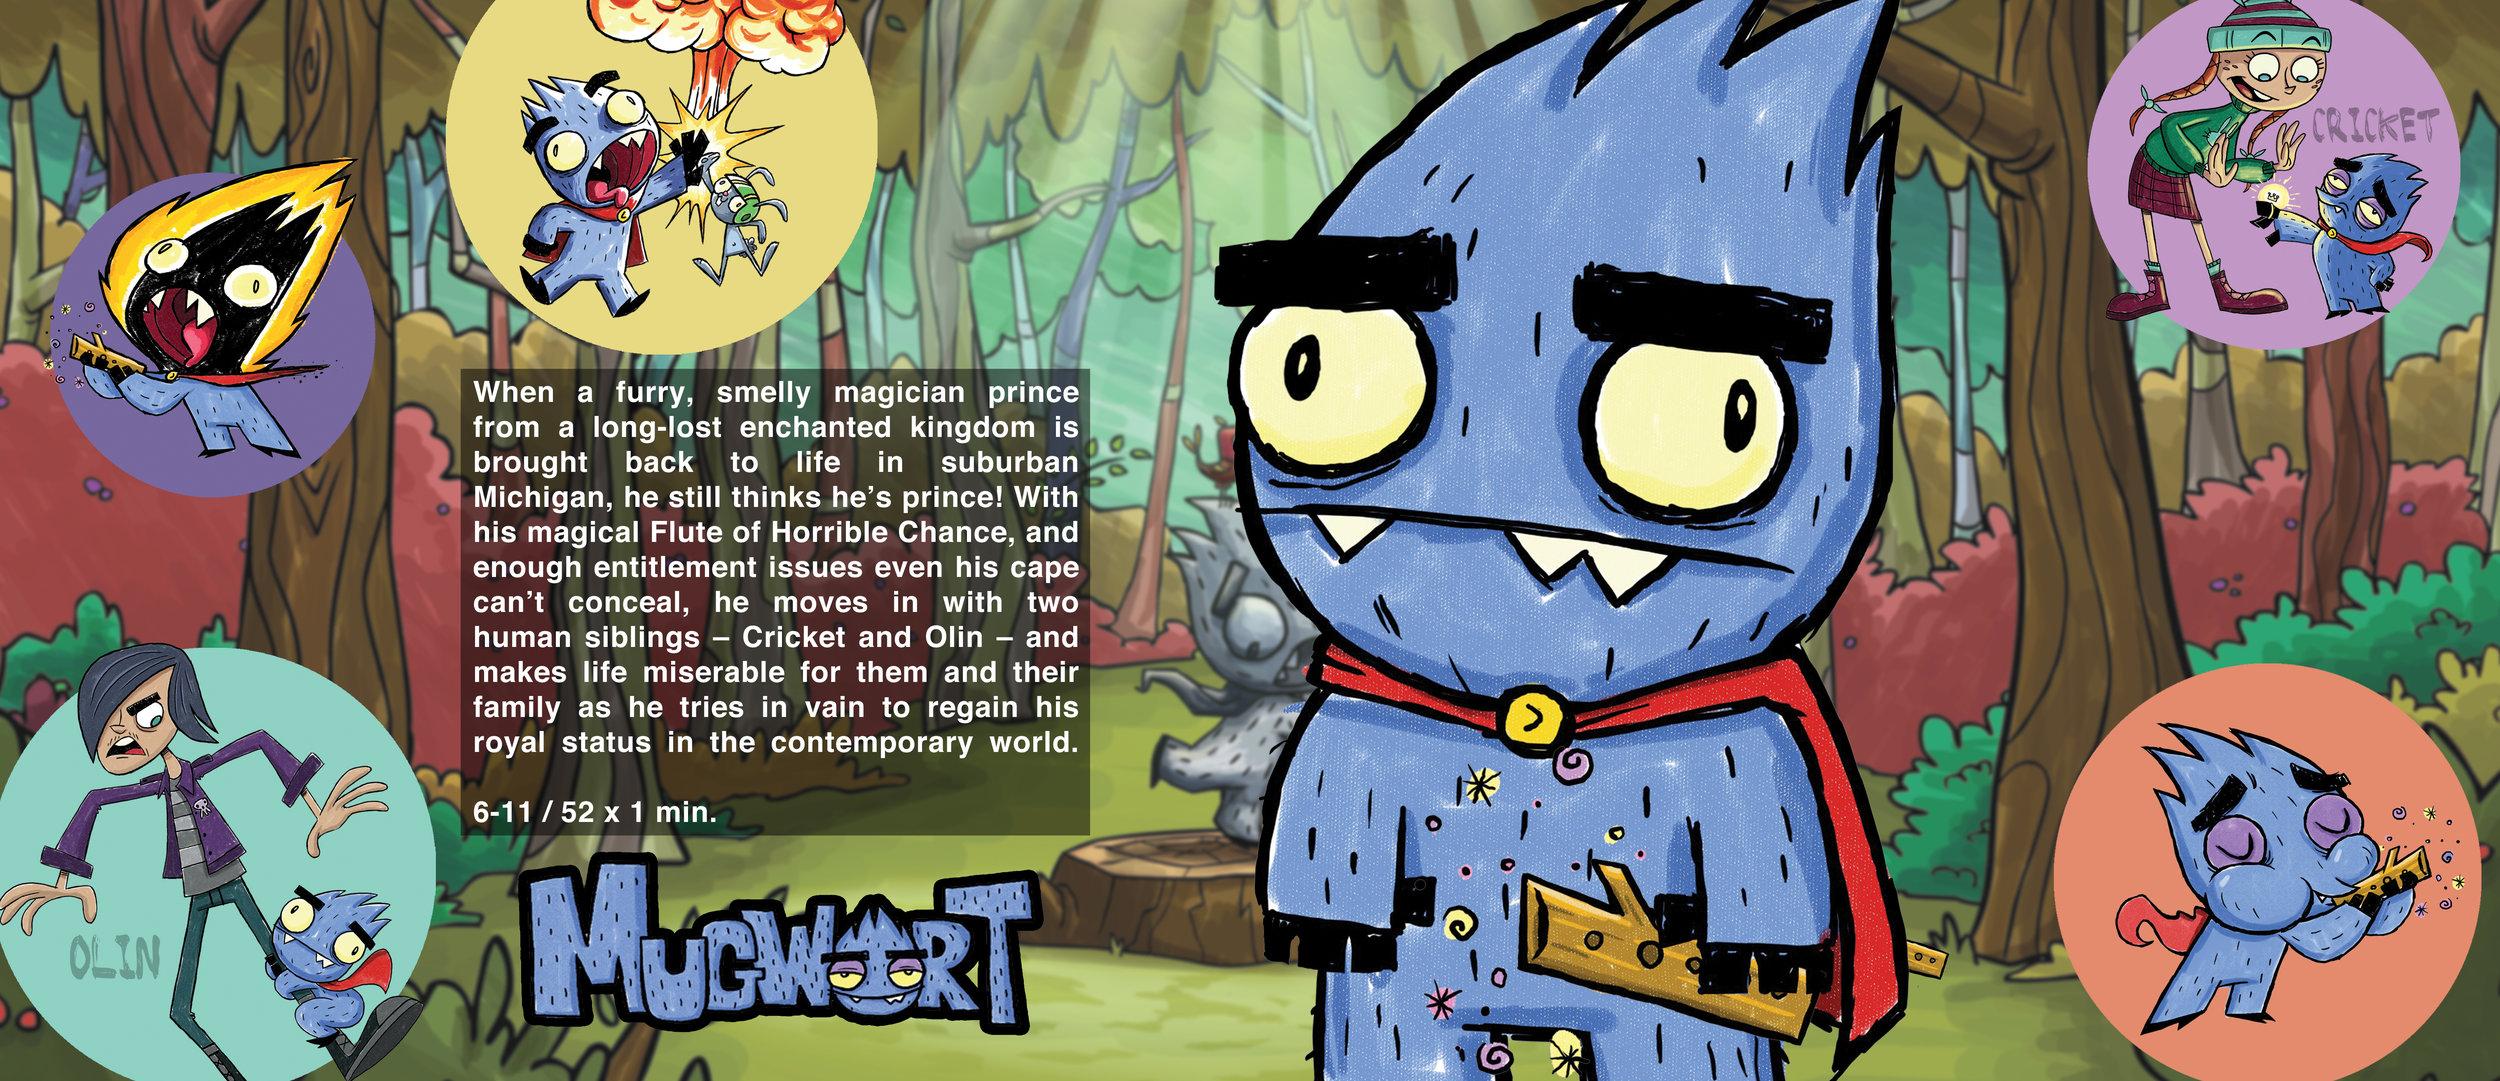 OddBot_Website_mugwort_v02.jpg